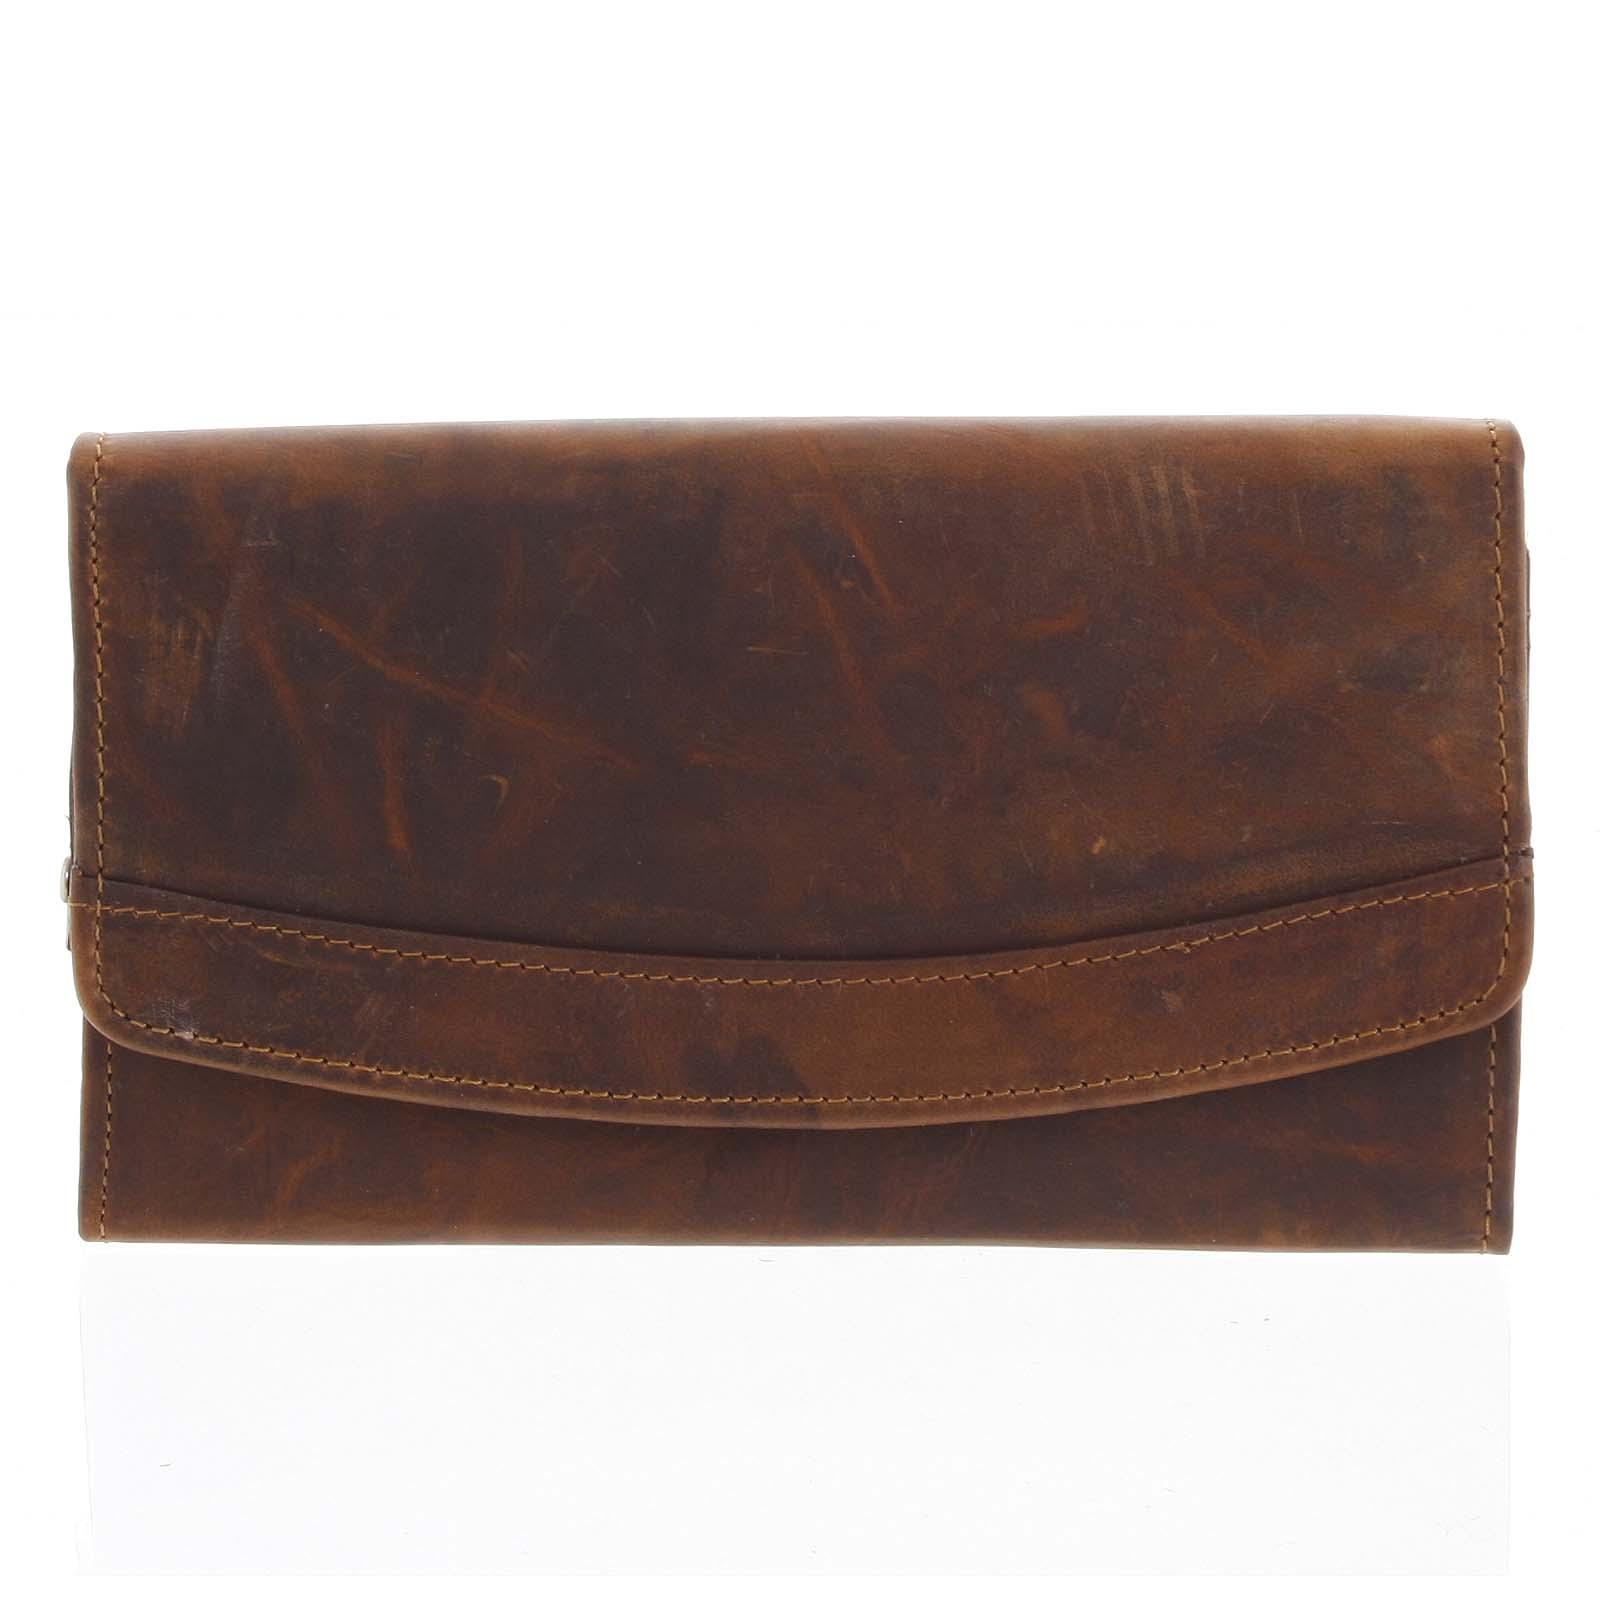 Dámska kožená peňaženka hnedá - Tomas Slat hnedá